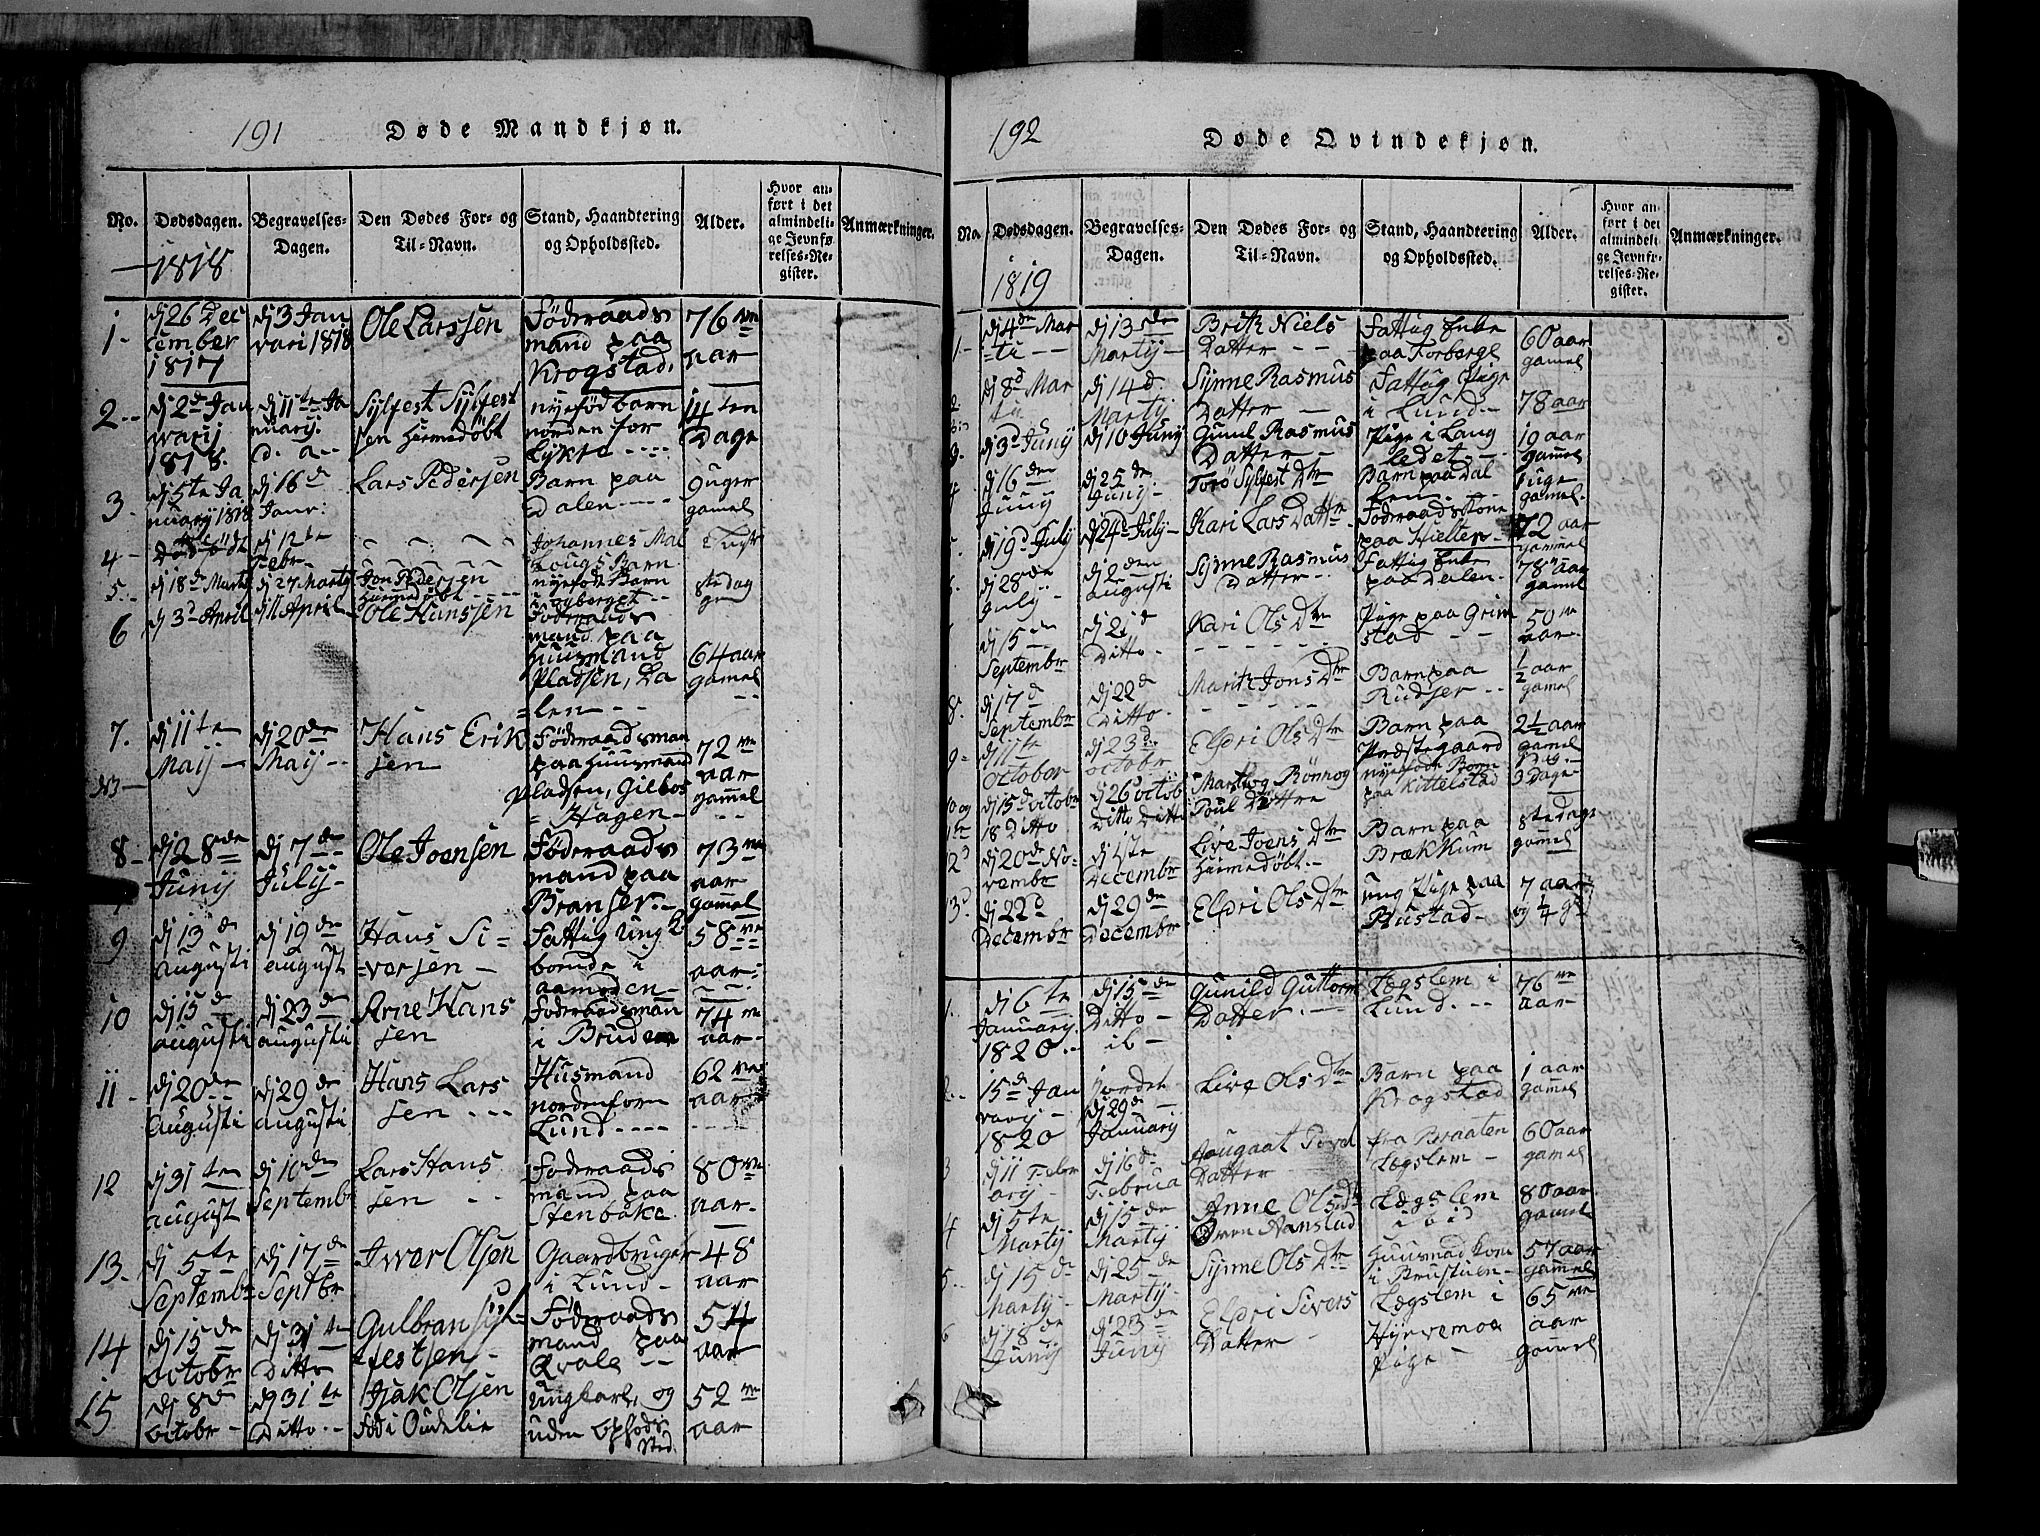 SAH, Lom prestekontor, L/L0003: Klokkerbok nr. 3, 1815-1844, s. 191-192